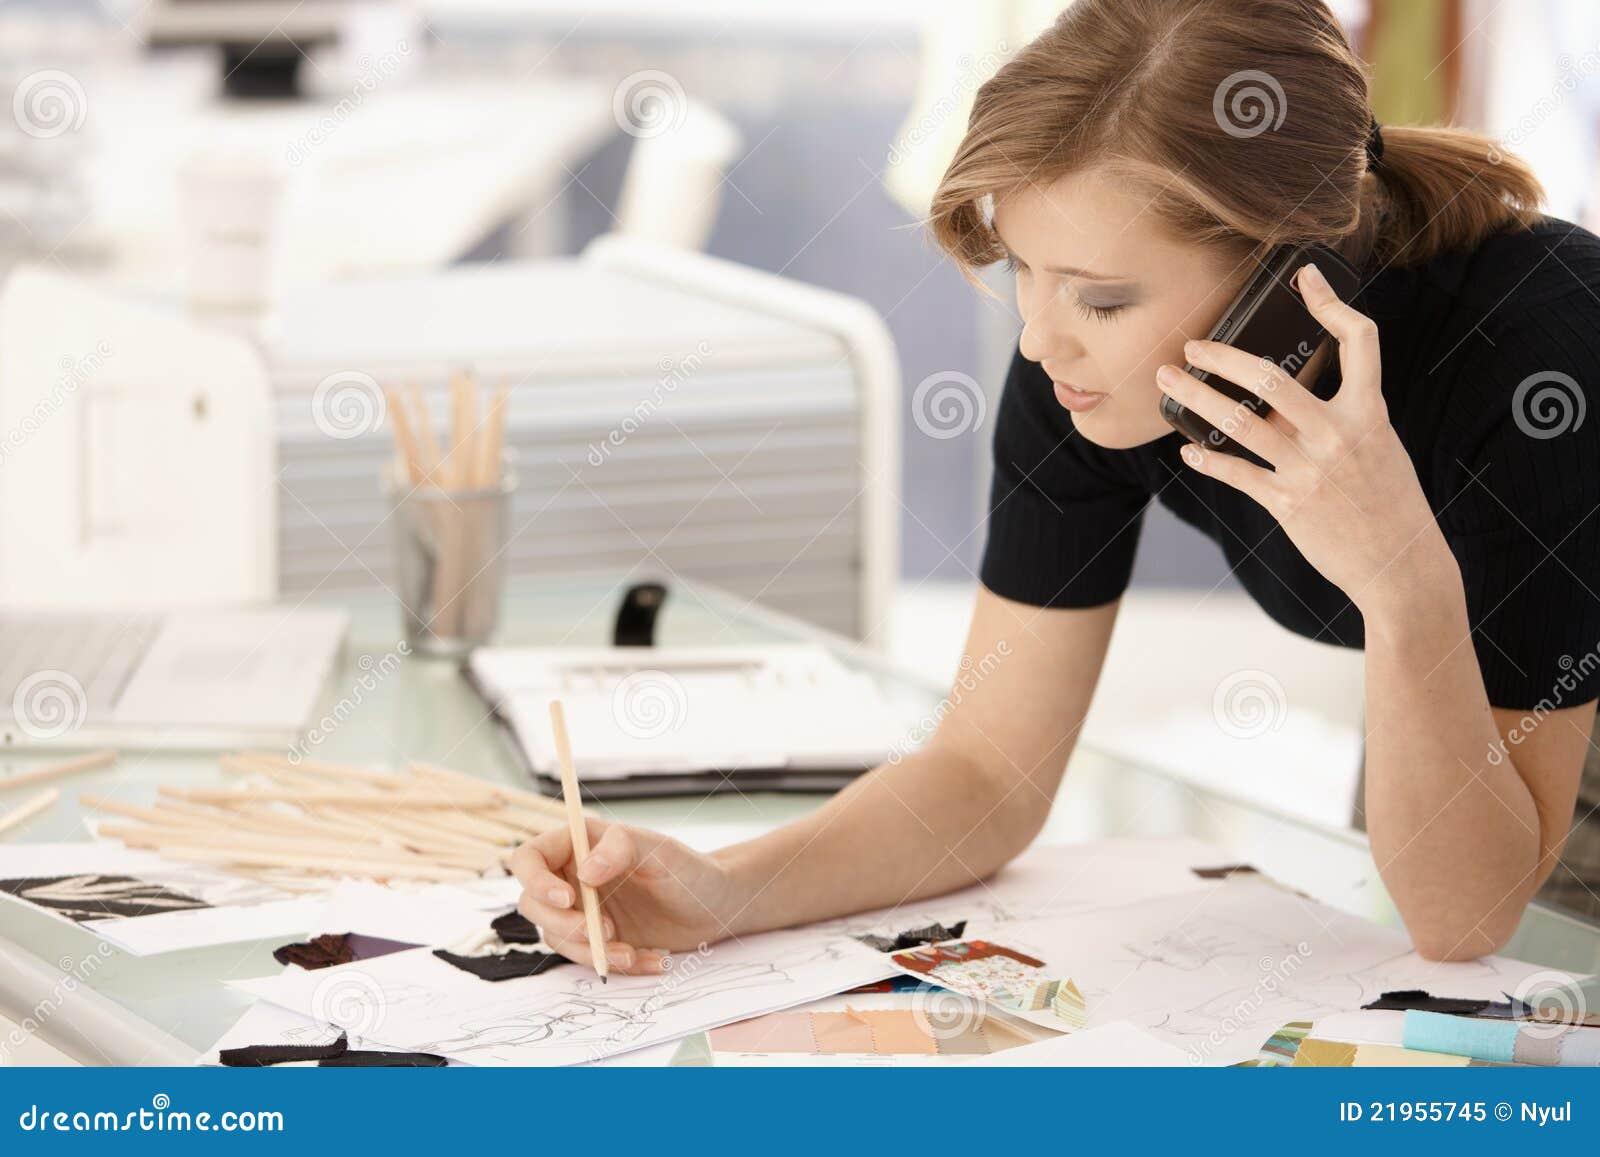 Desenho do desenhador de moda na mesa